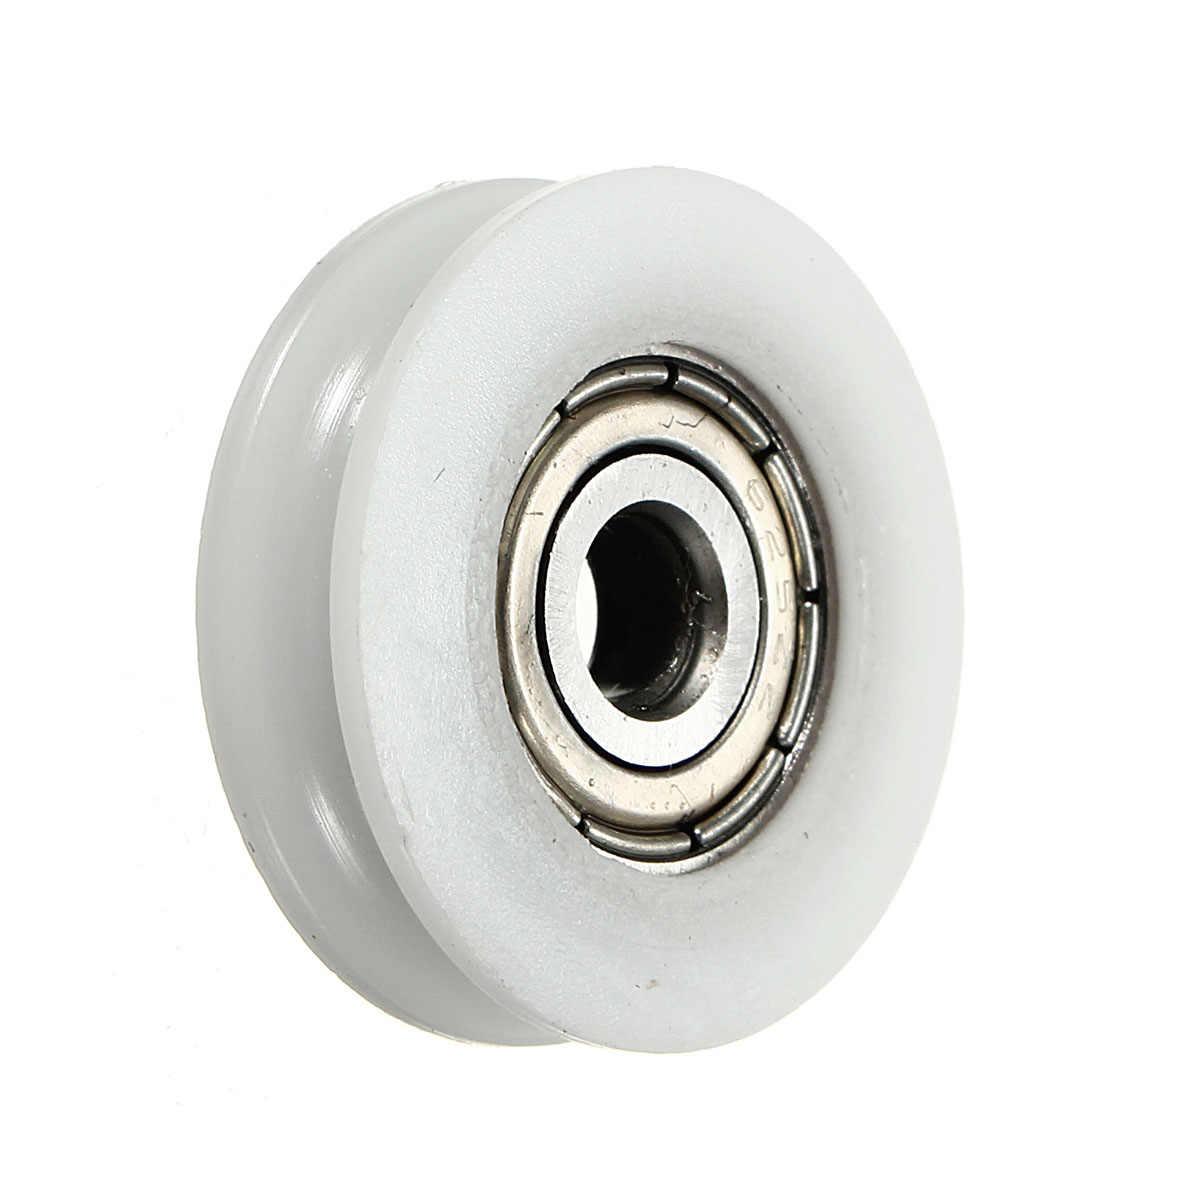 24x5x7mm Rotonda Groove Puleggia In Nylon Ruote A Rulli Per Doccia pulegge Scivolo Cancello Angolo Bar Cassetto ferramenta per mobili Accessori